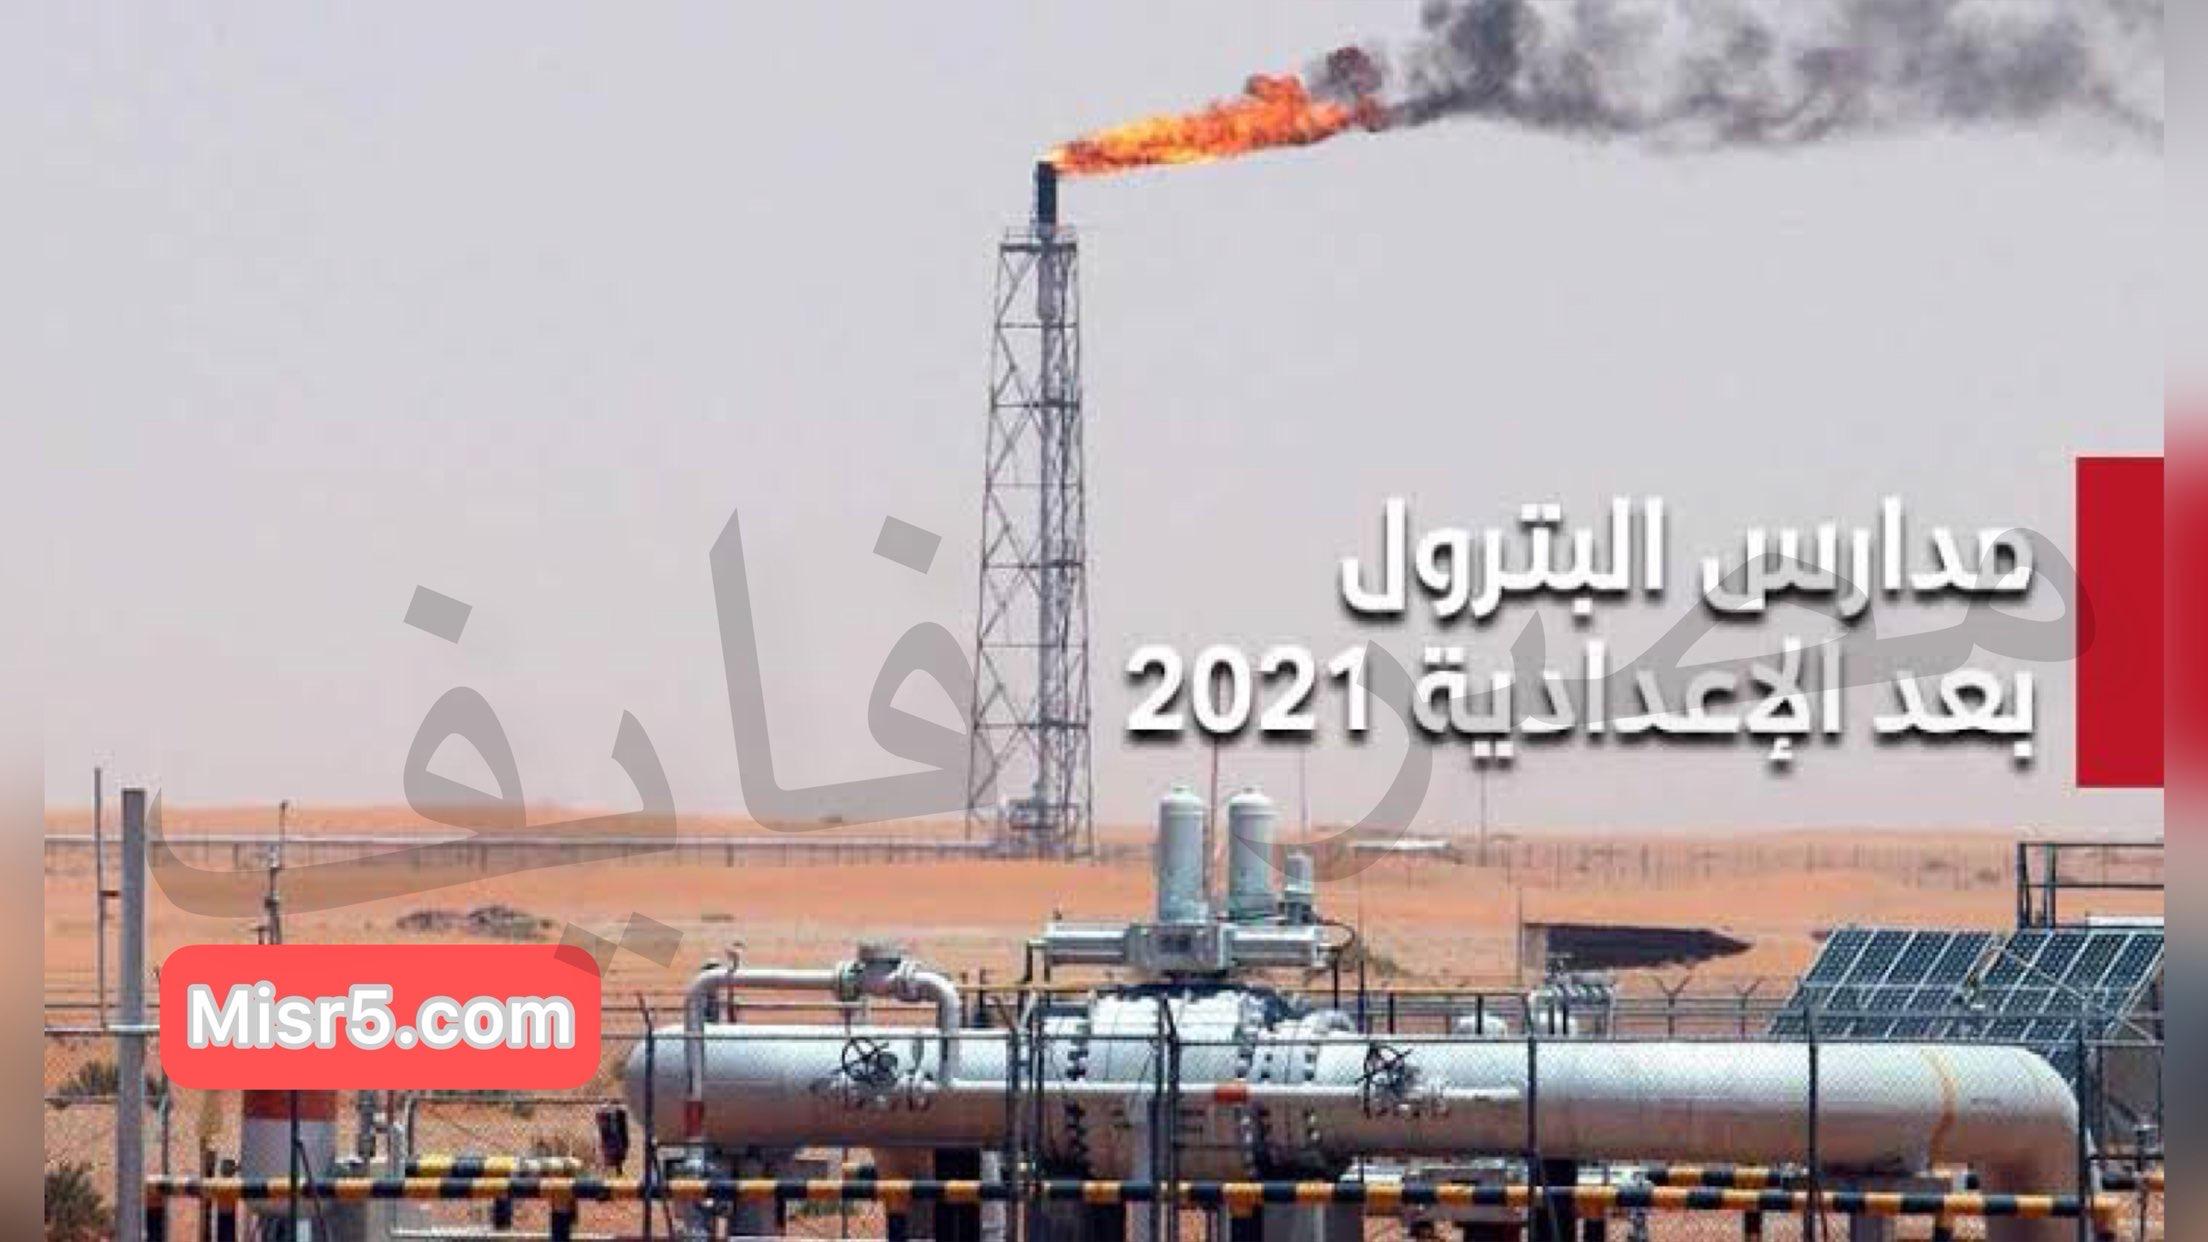 دليل تنسيق مدرسة البترول 2021 في مصر والأوراق وأماكن تواجدها